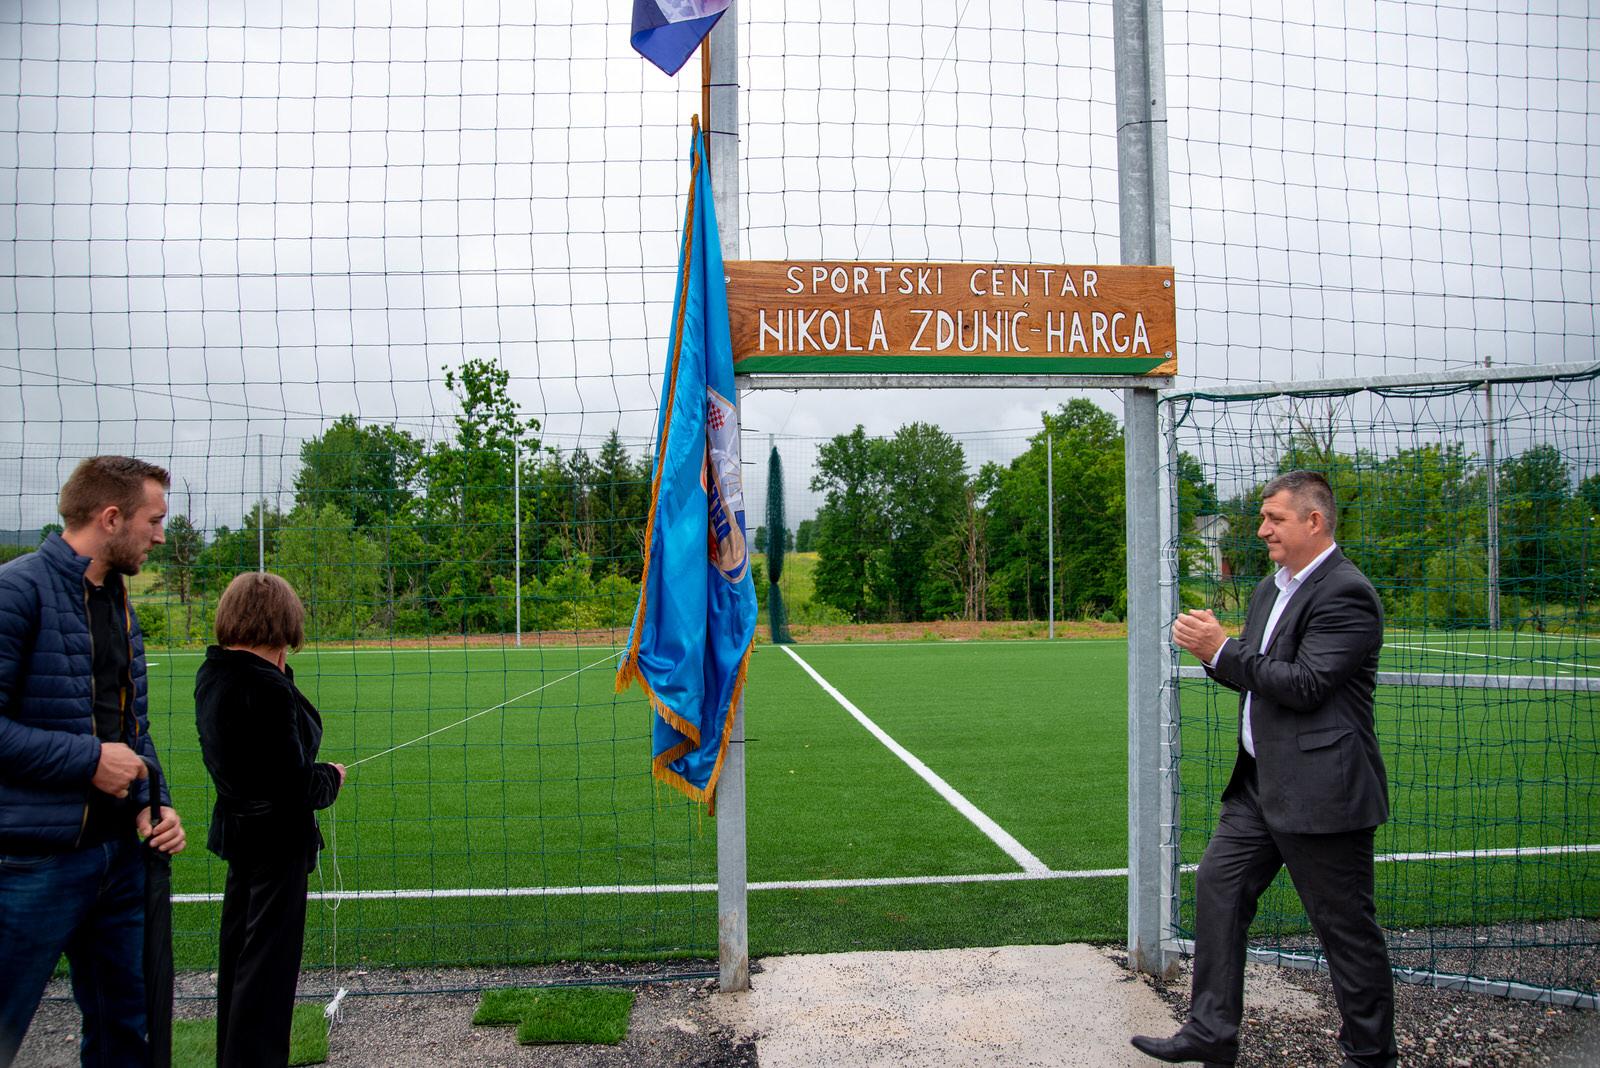 likaclub_žabica_otvaranje nogometnog igrališta_6_2020 (22)